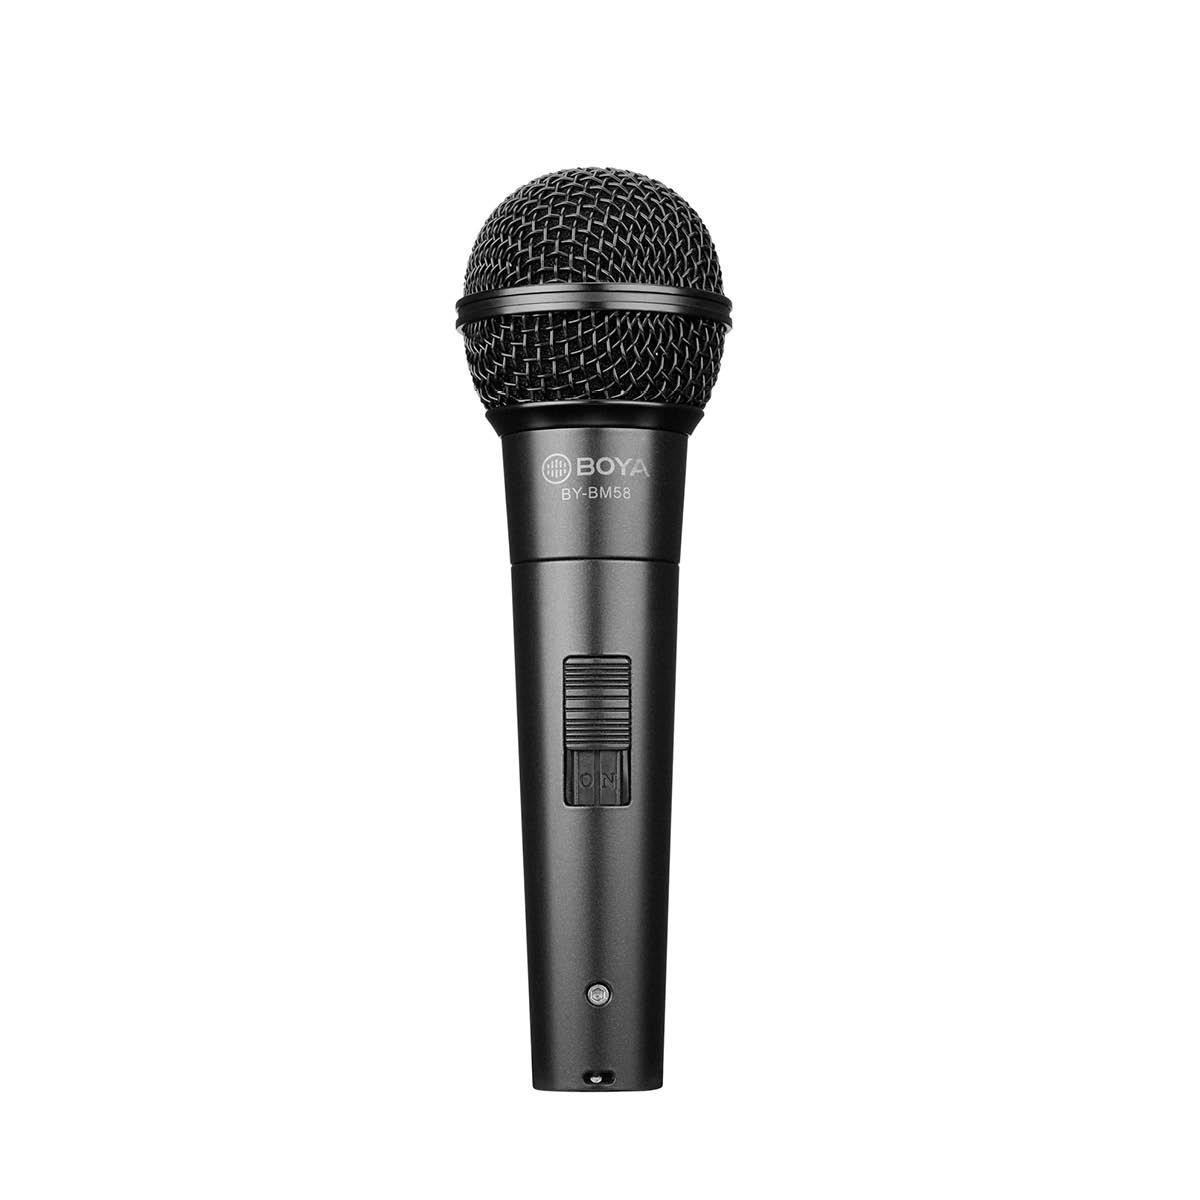 Boya BY-BM58 XLR Dyn. Handmikro für Bühne, Stimme